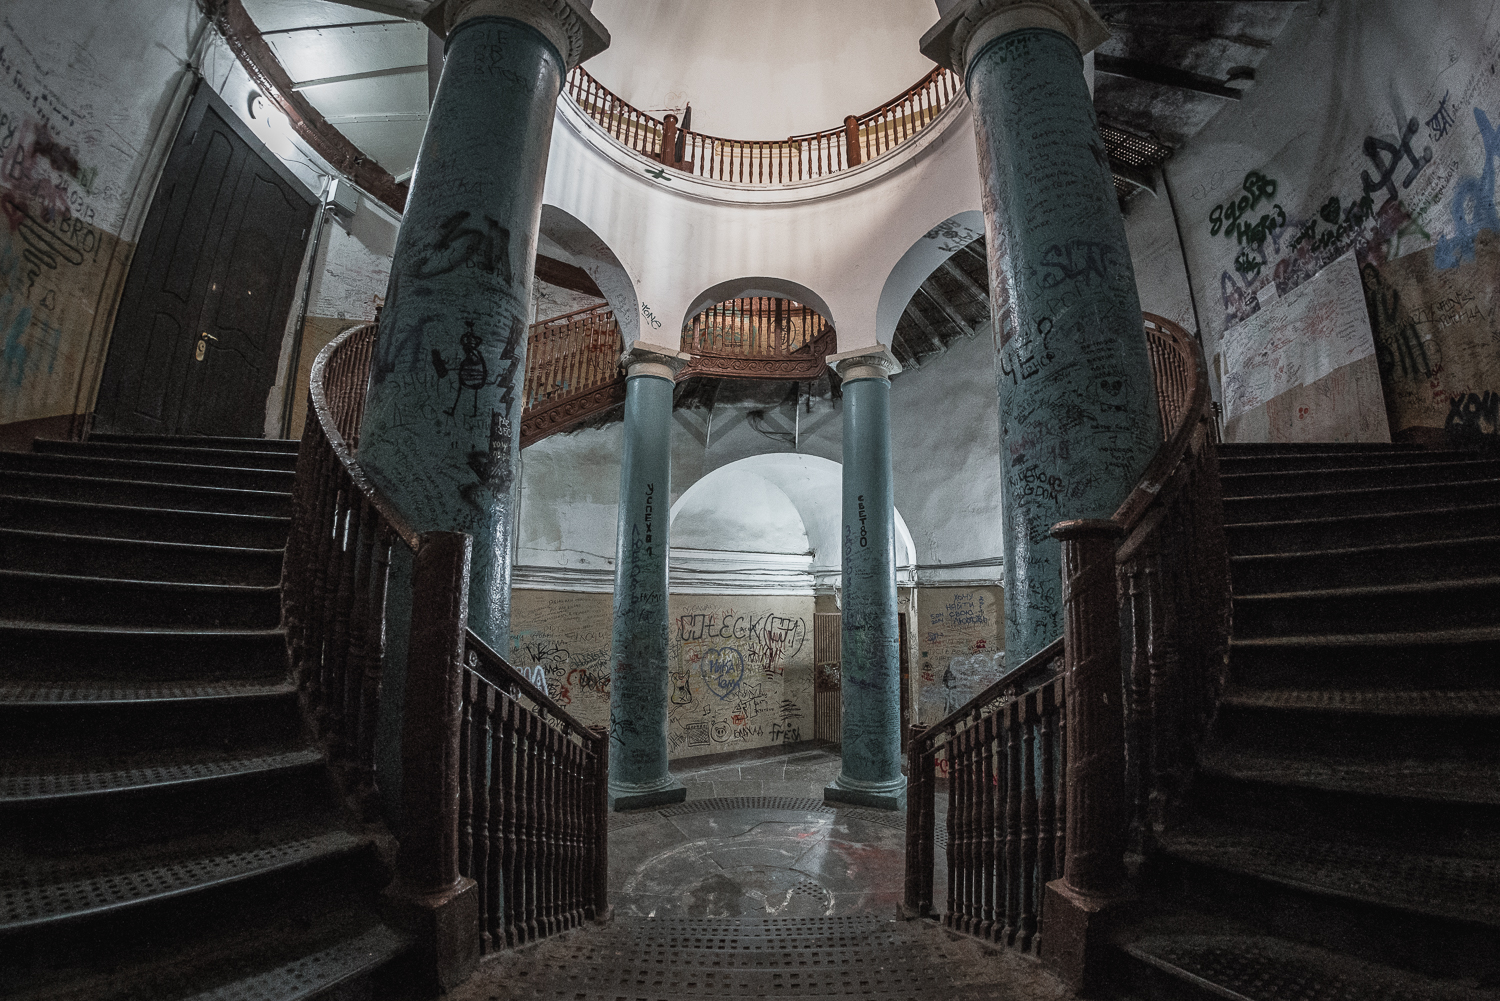 Гороховая, 57 - Санкт-Петербург